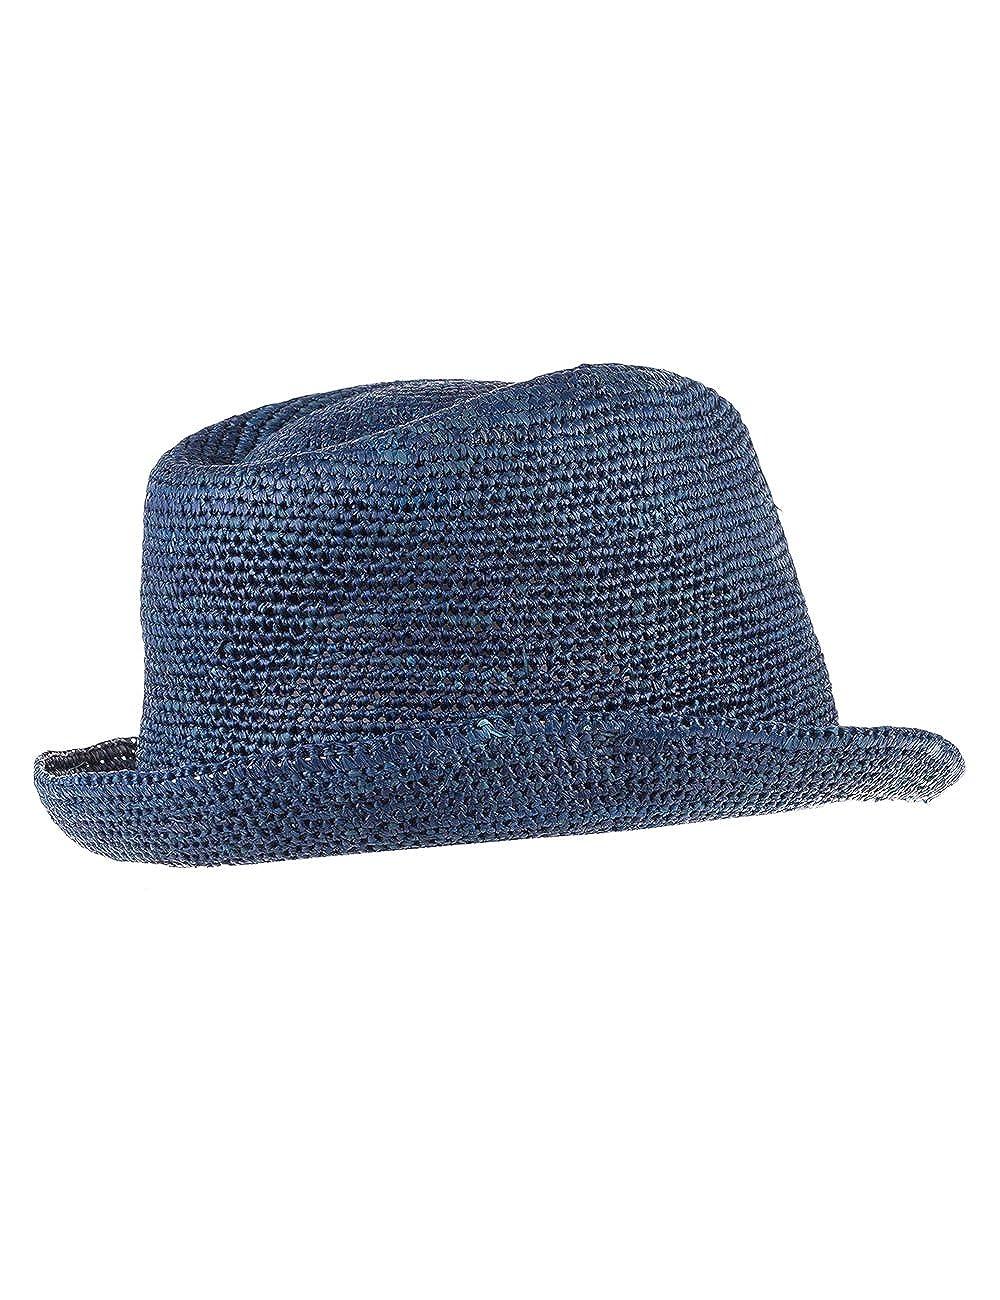 Stars /& Stripes cappello di paglia Ashton